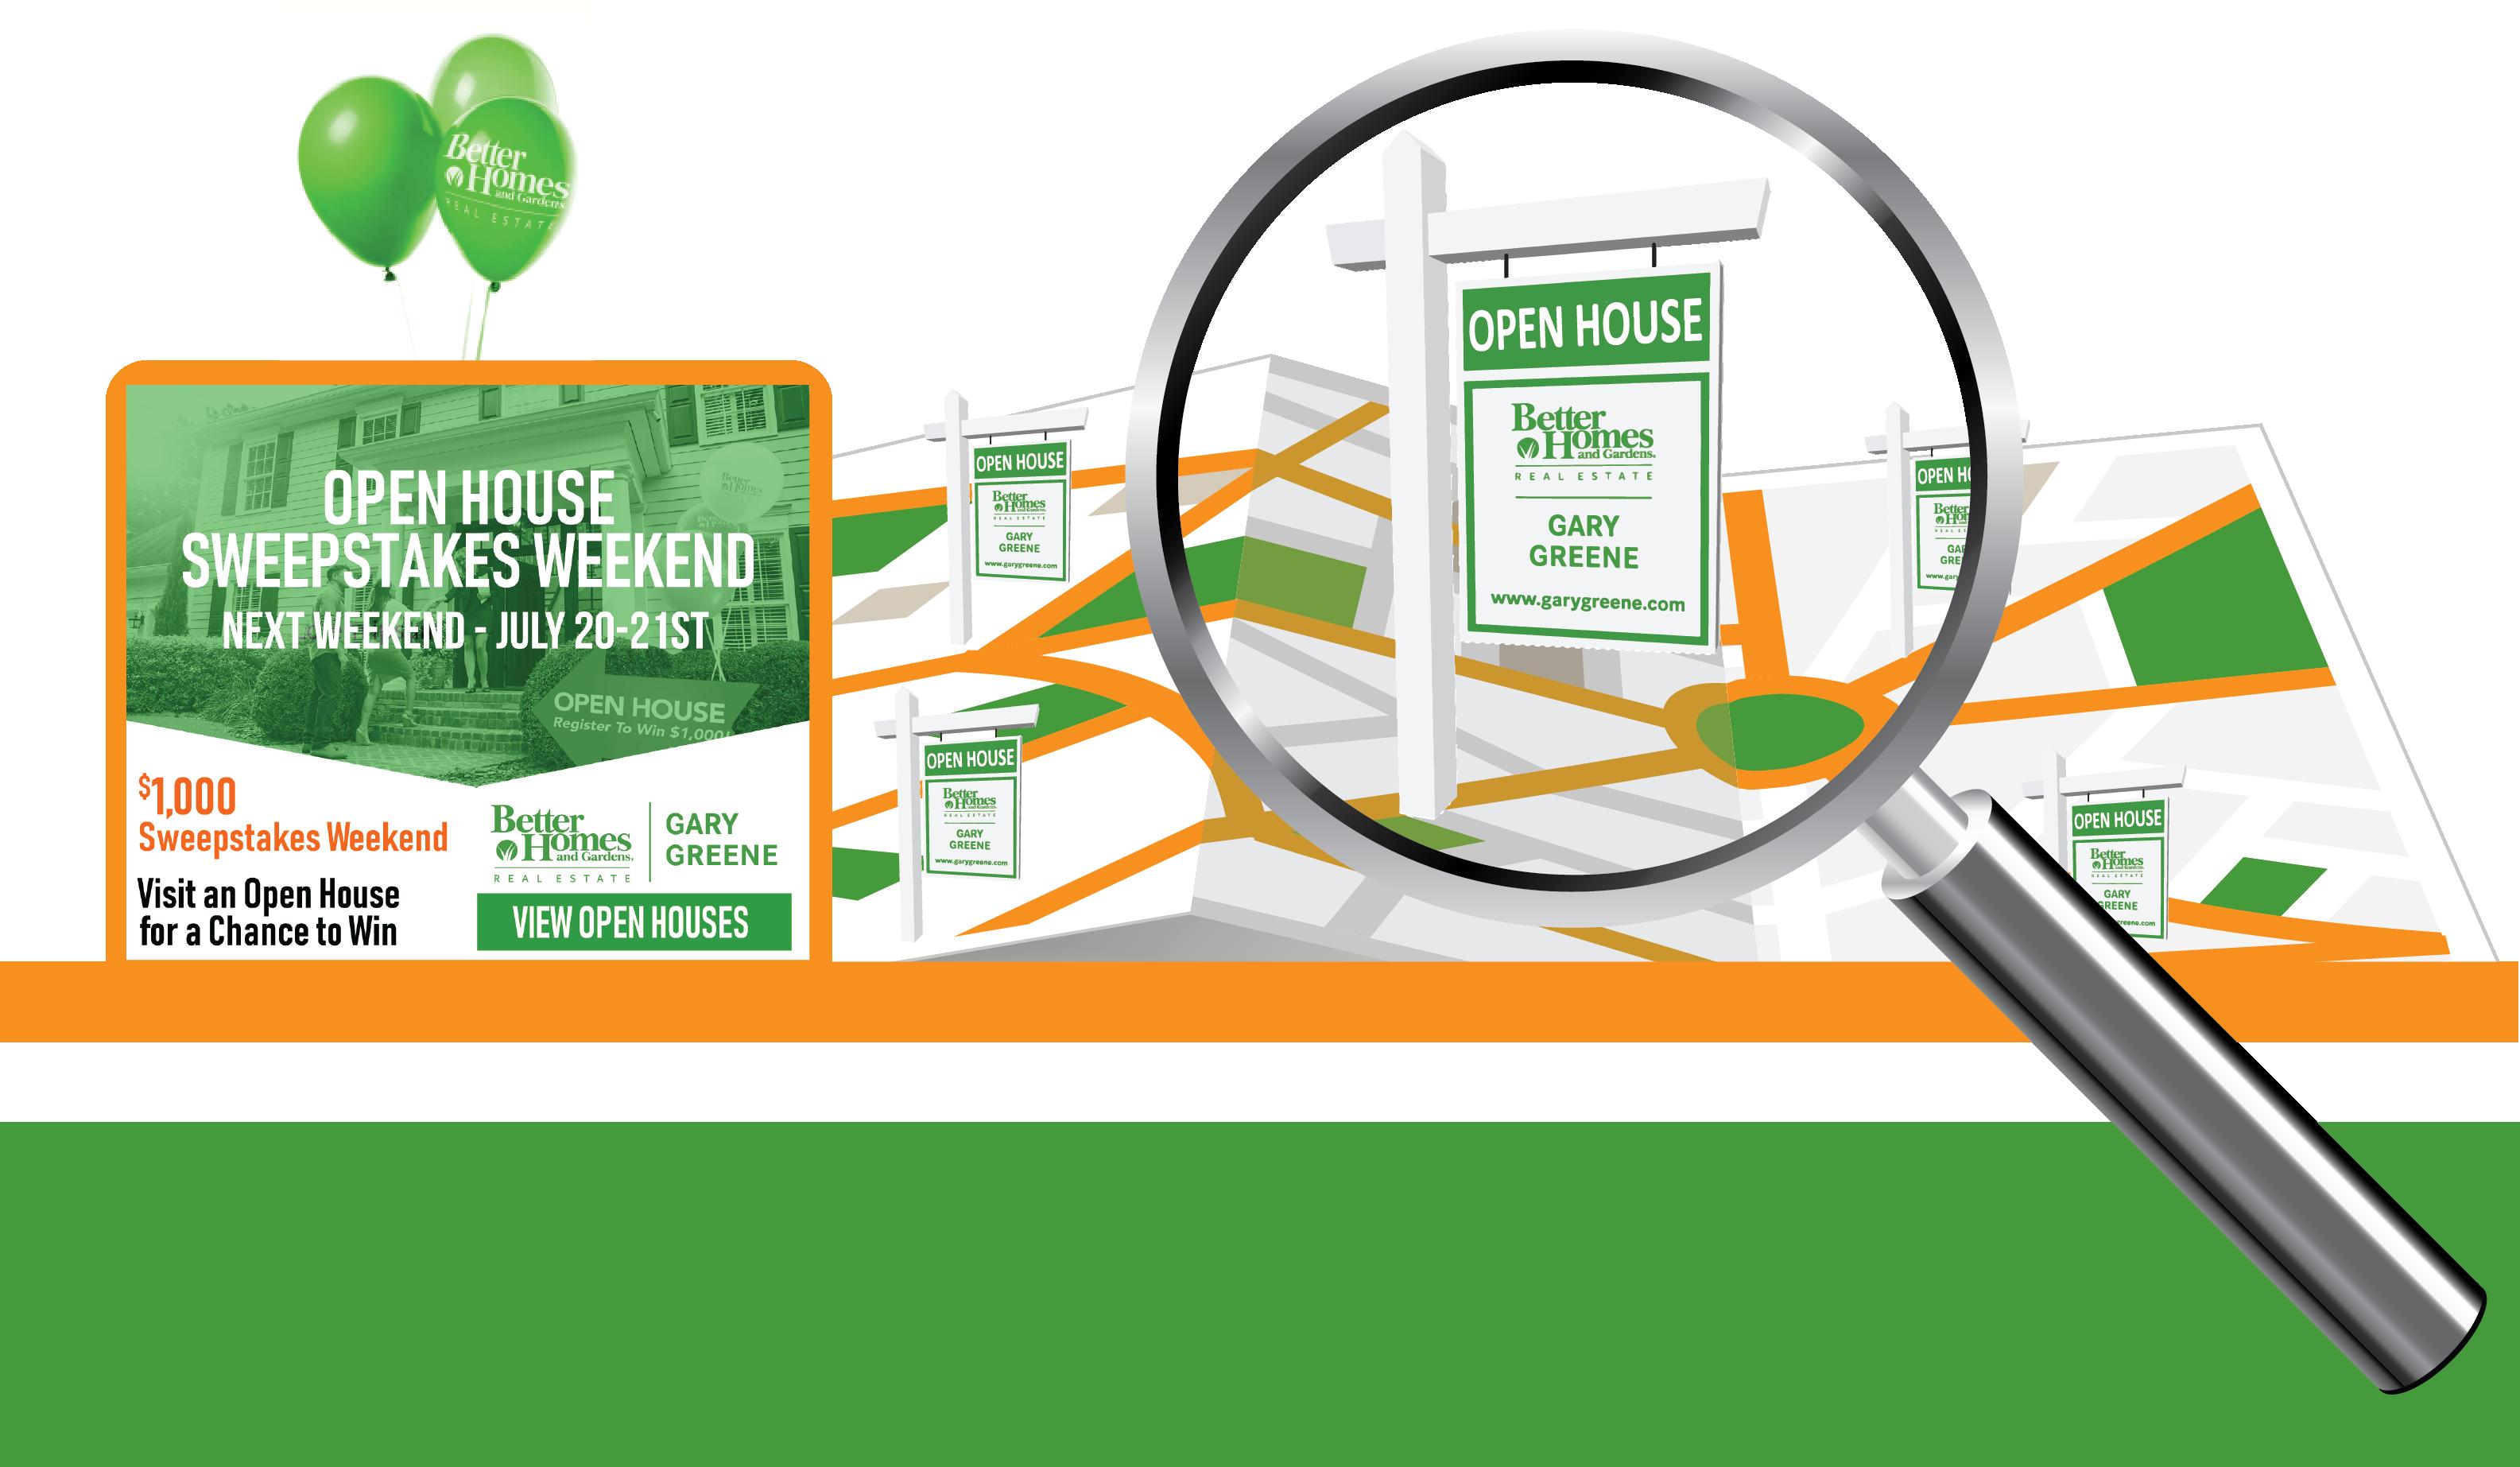 Gary Greene Open House Sweepstakes Weekend